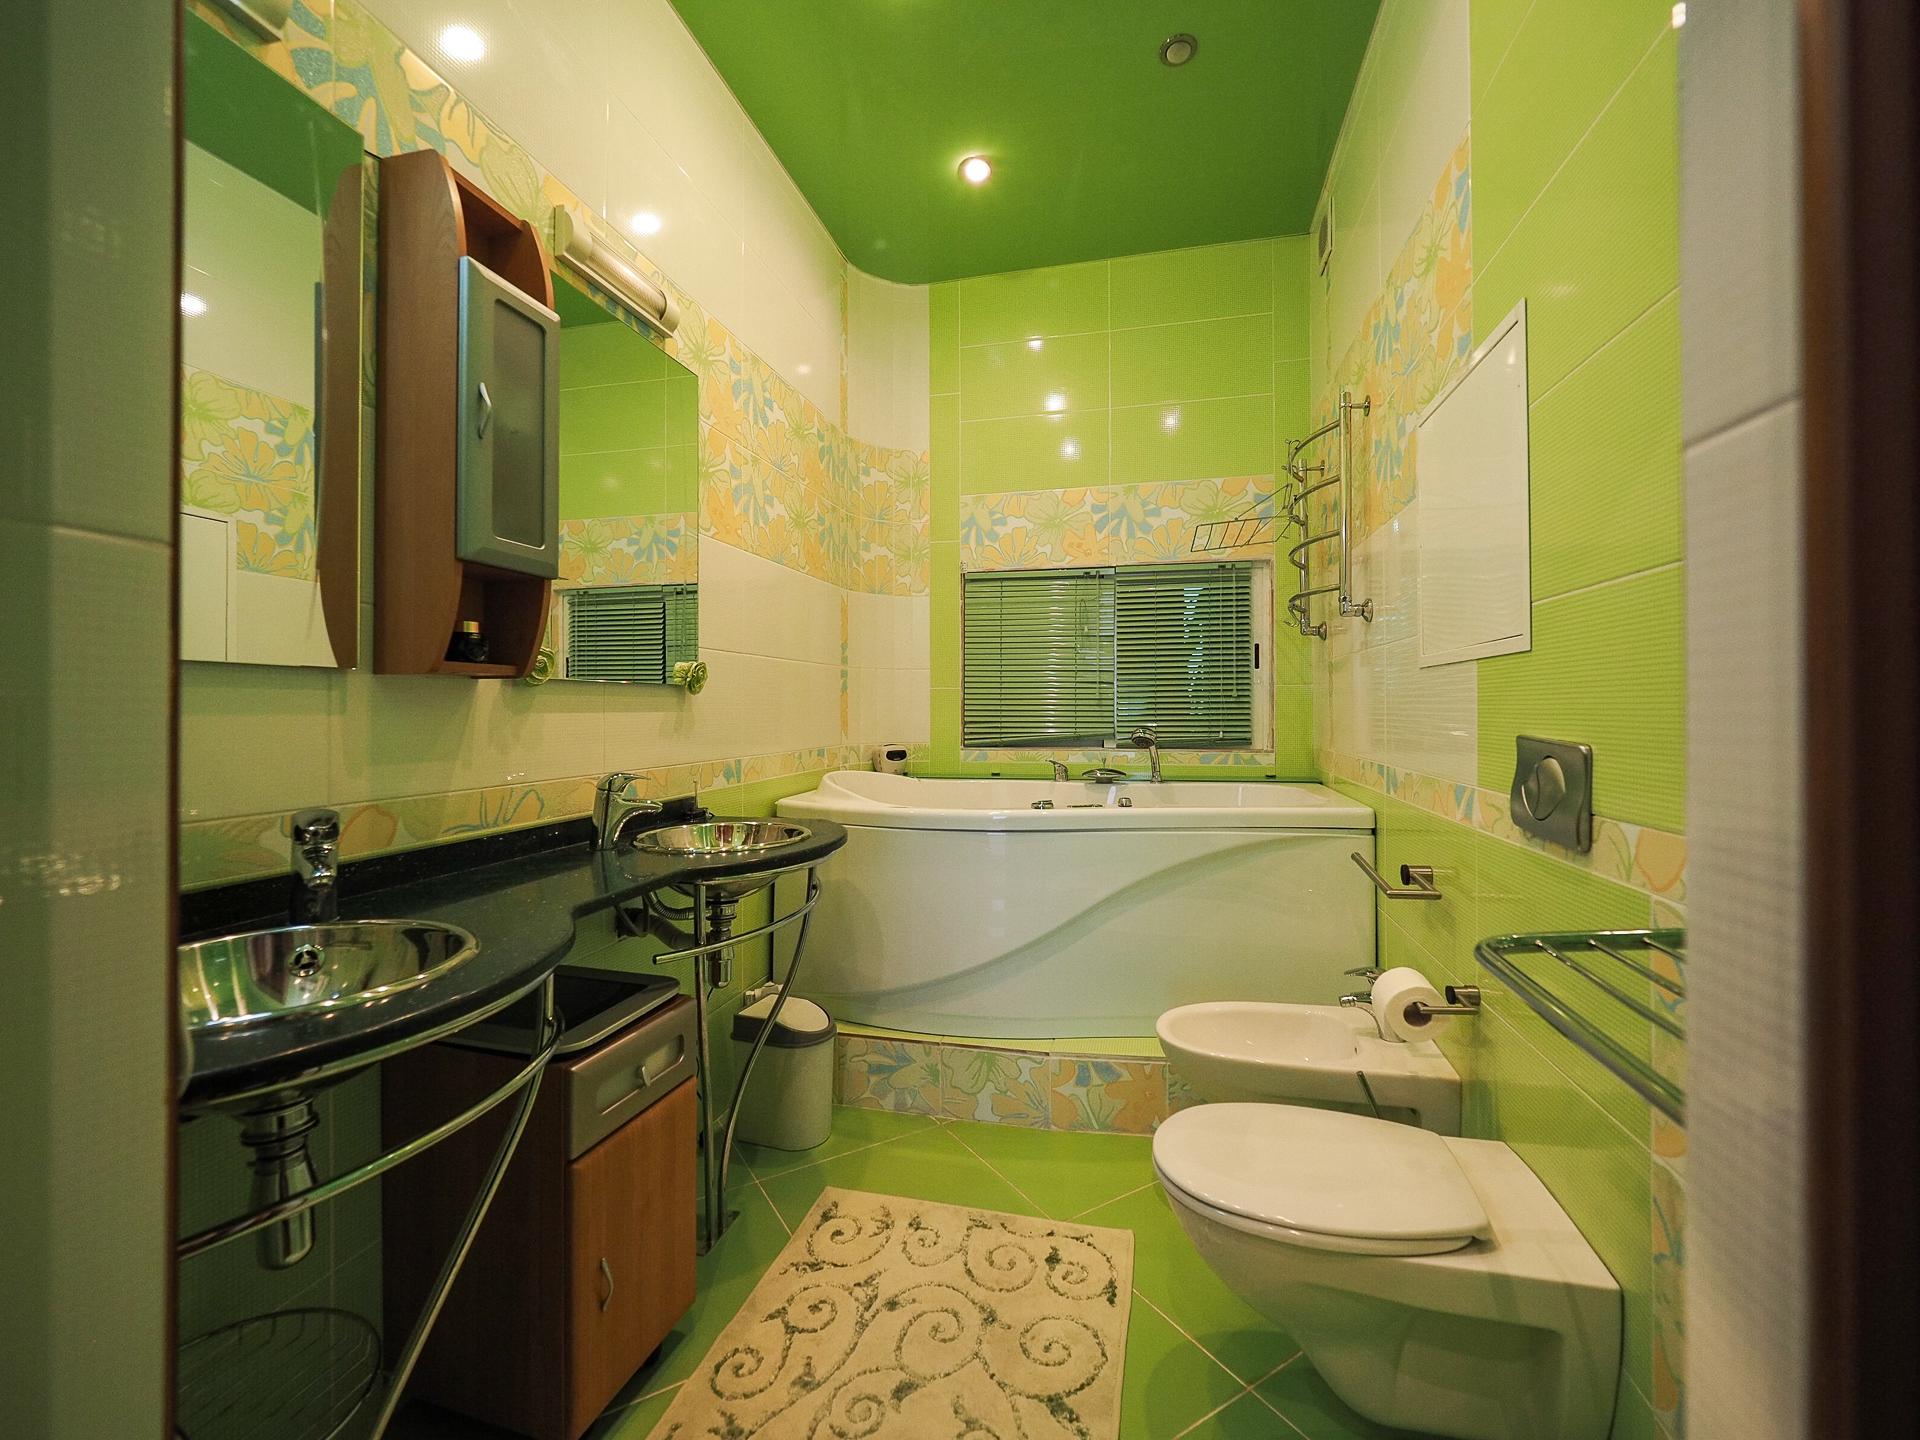 видовая квартира 22 этаж 100 Кв м 15